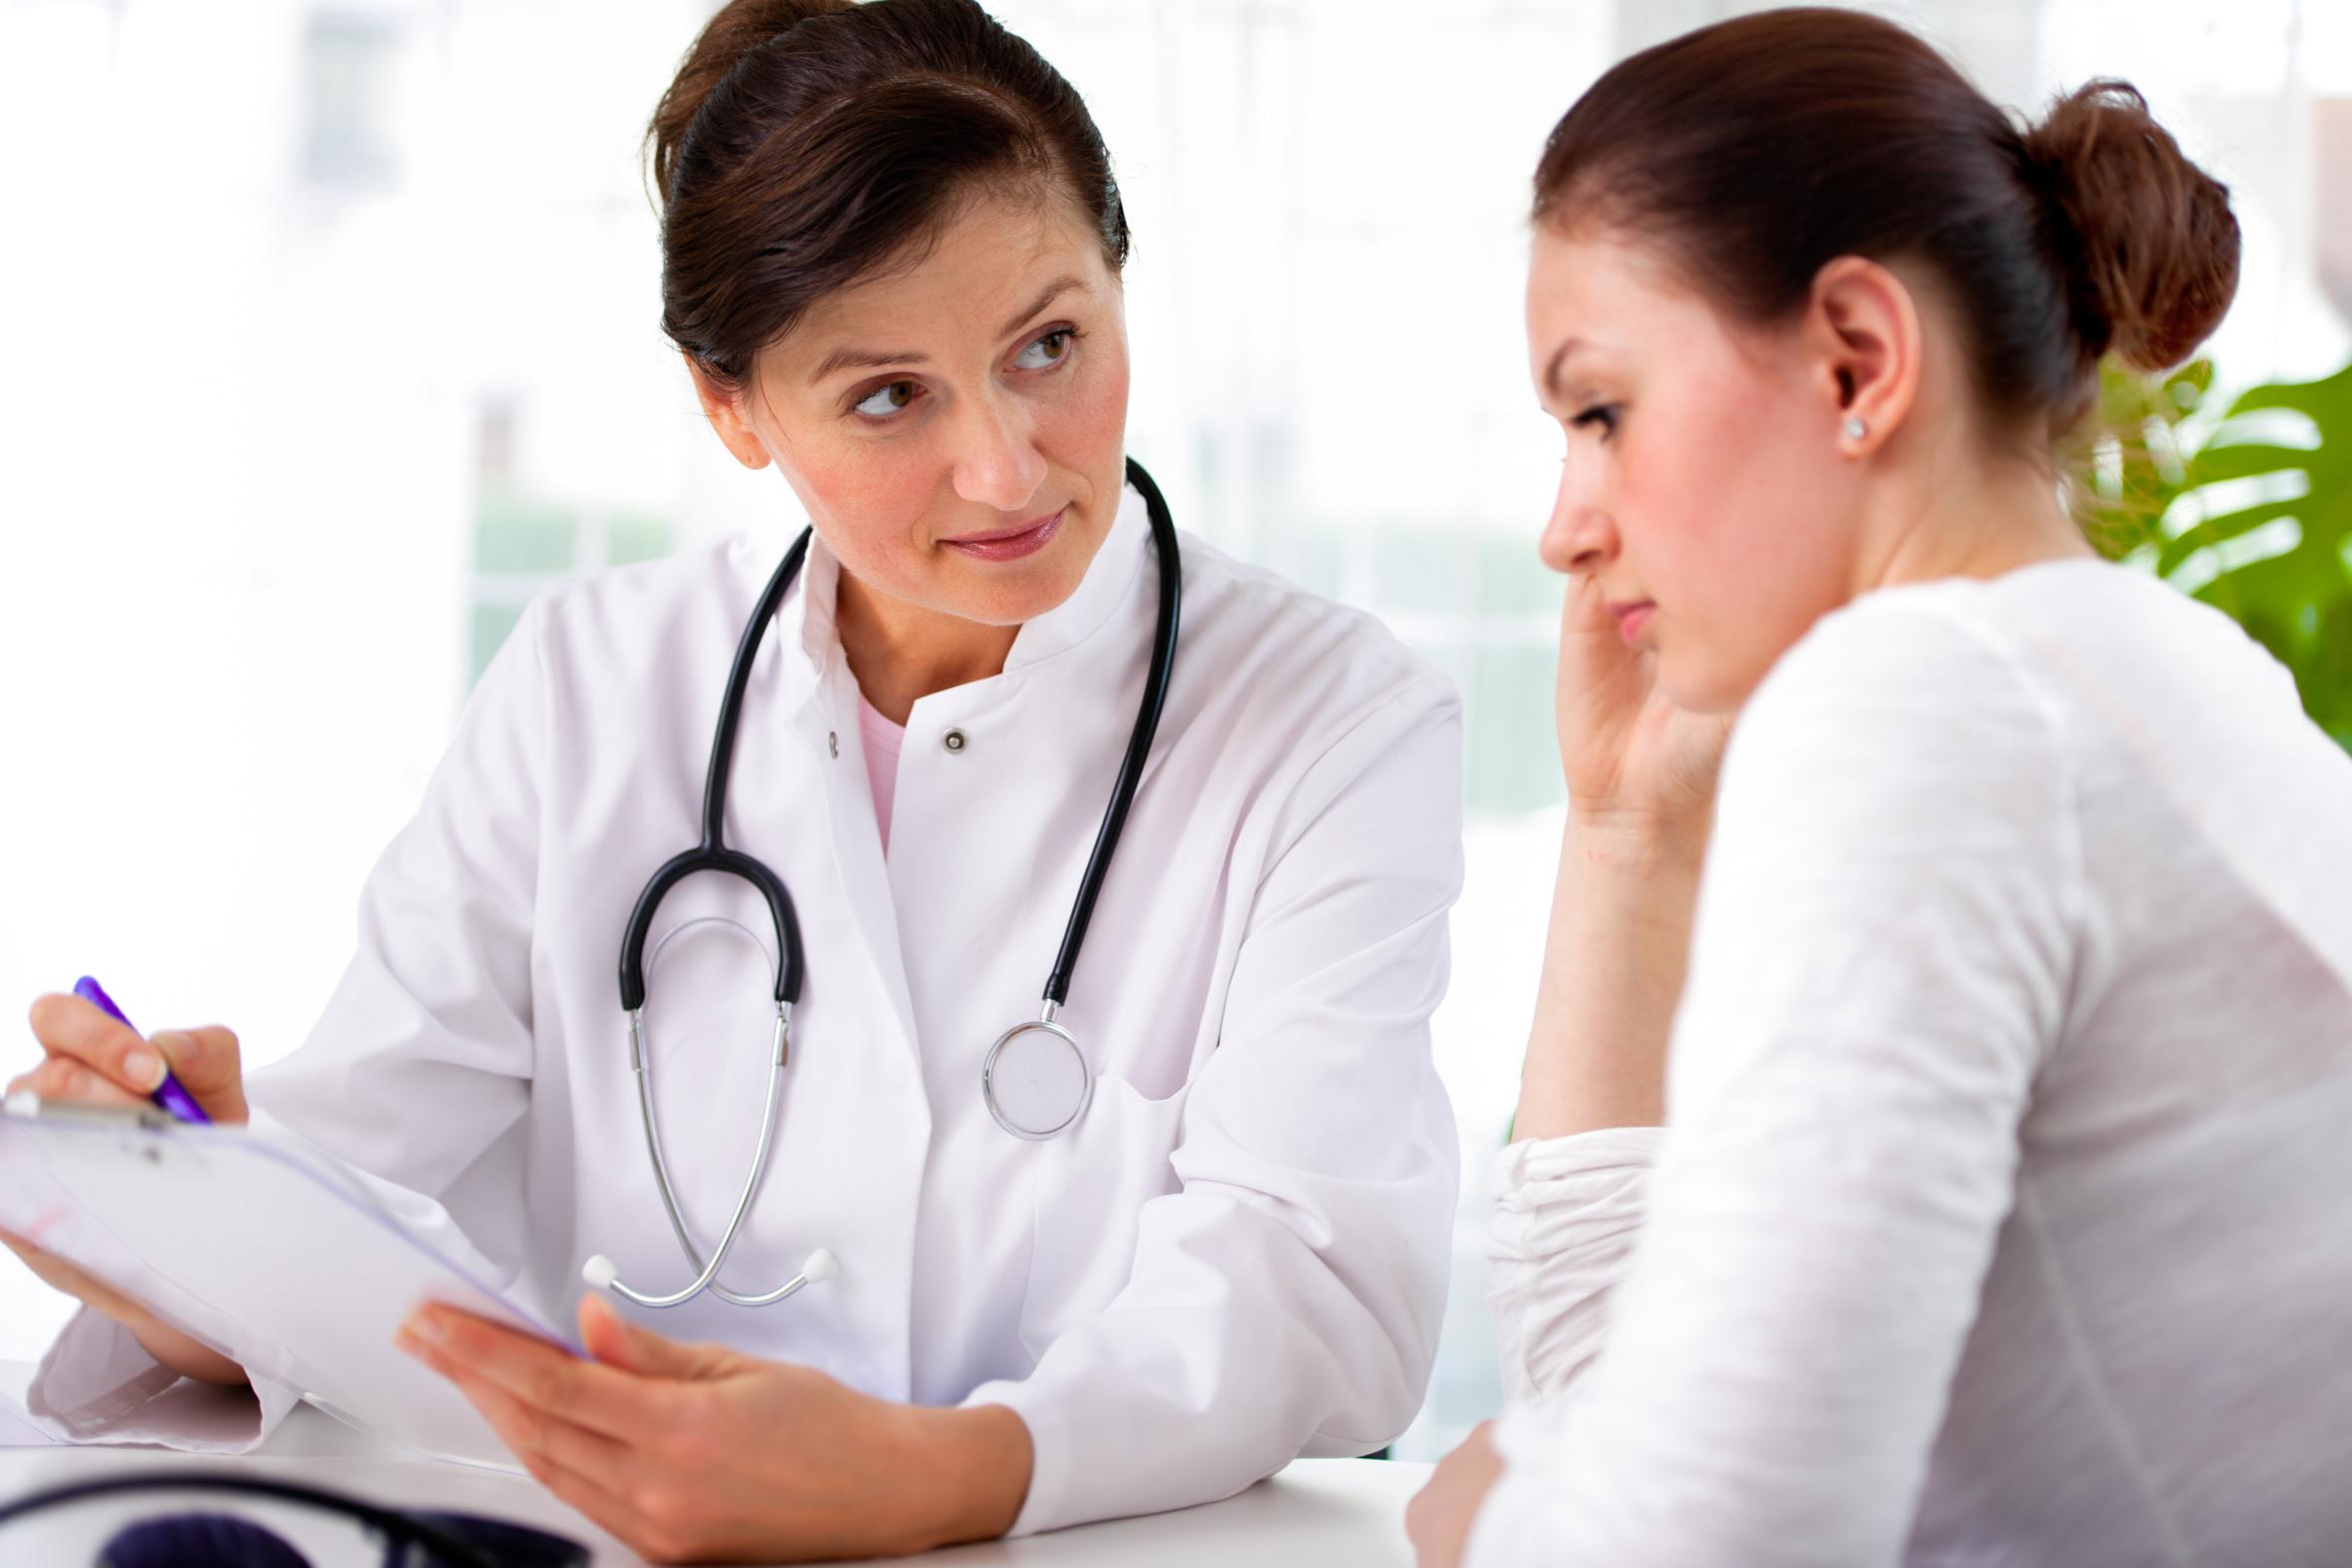 Sterilizzazione femminile: le tecniche, i rischi e i costi